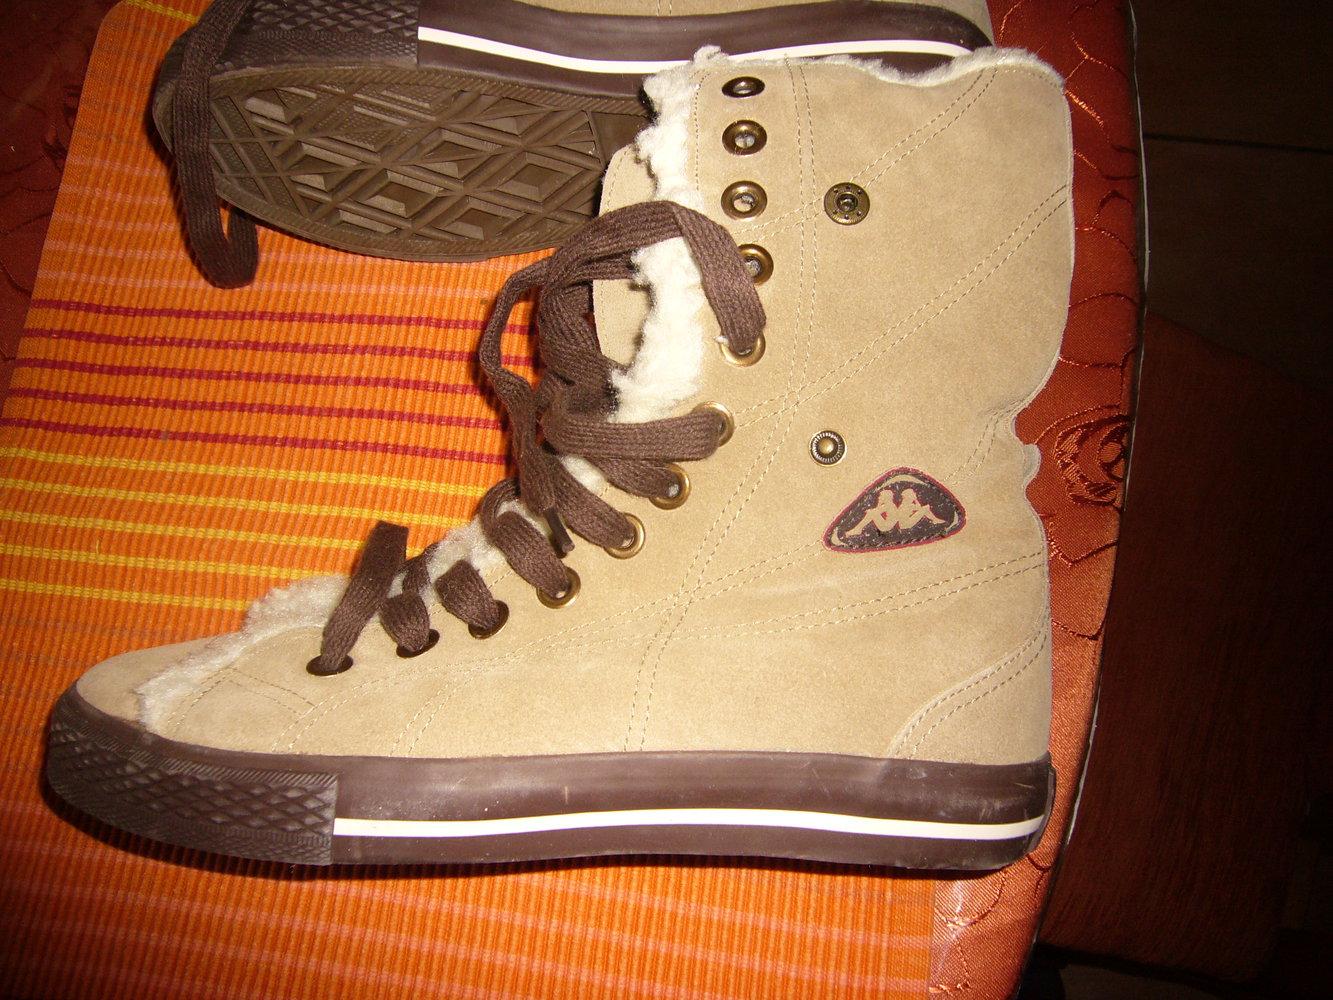 Stiefeletten Boots High Kappa Fell Neu Schuhe Turnschuhe 39 76gYfby